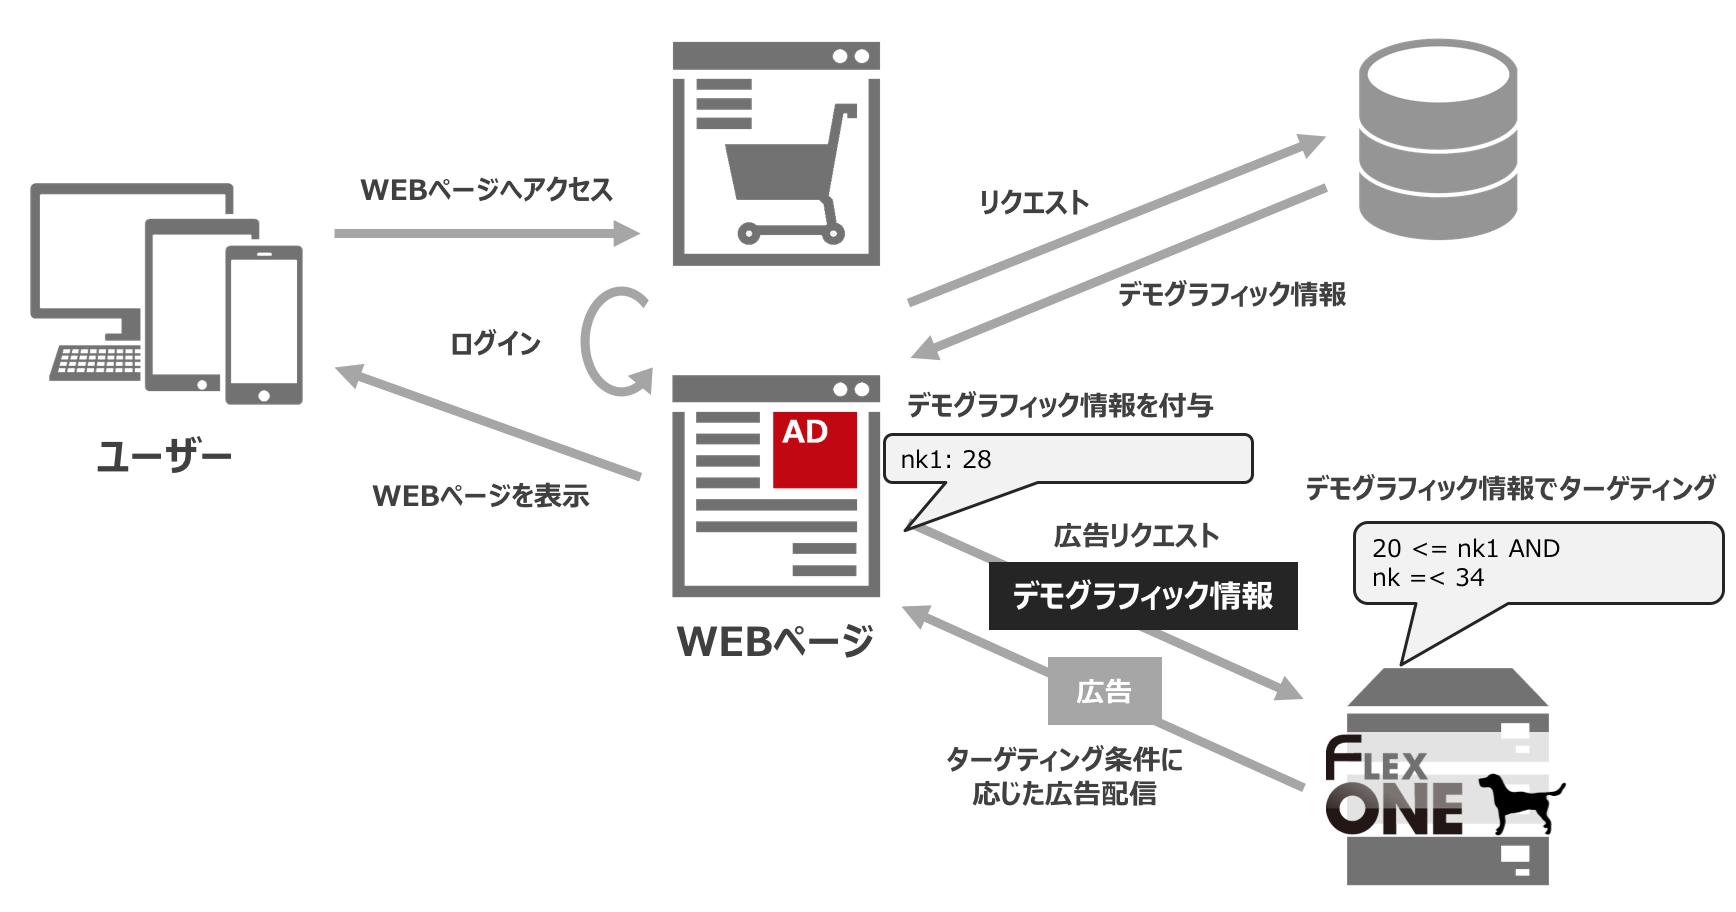 デモグラ情報を利用した広告配信